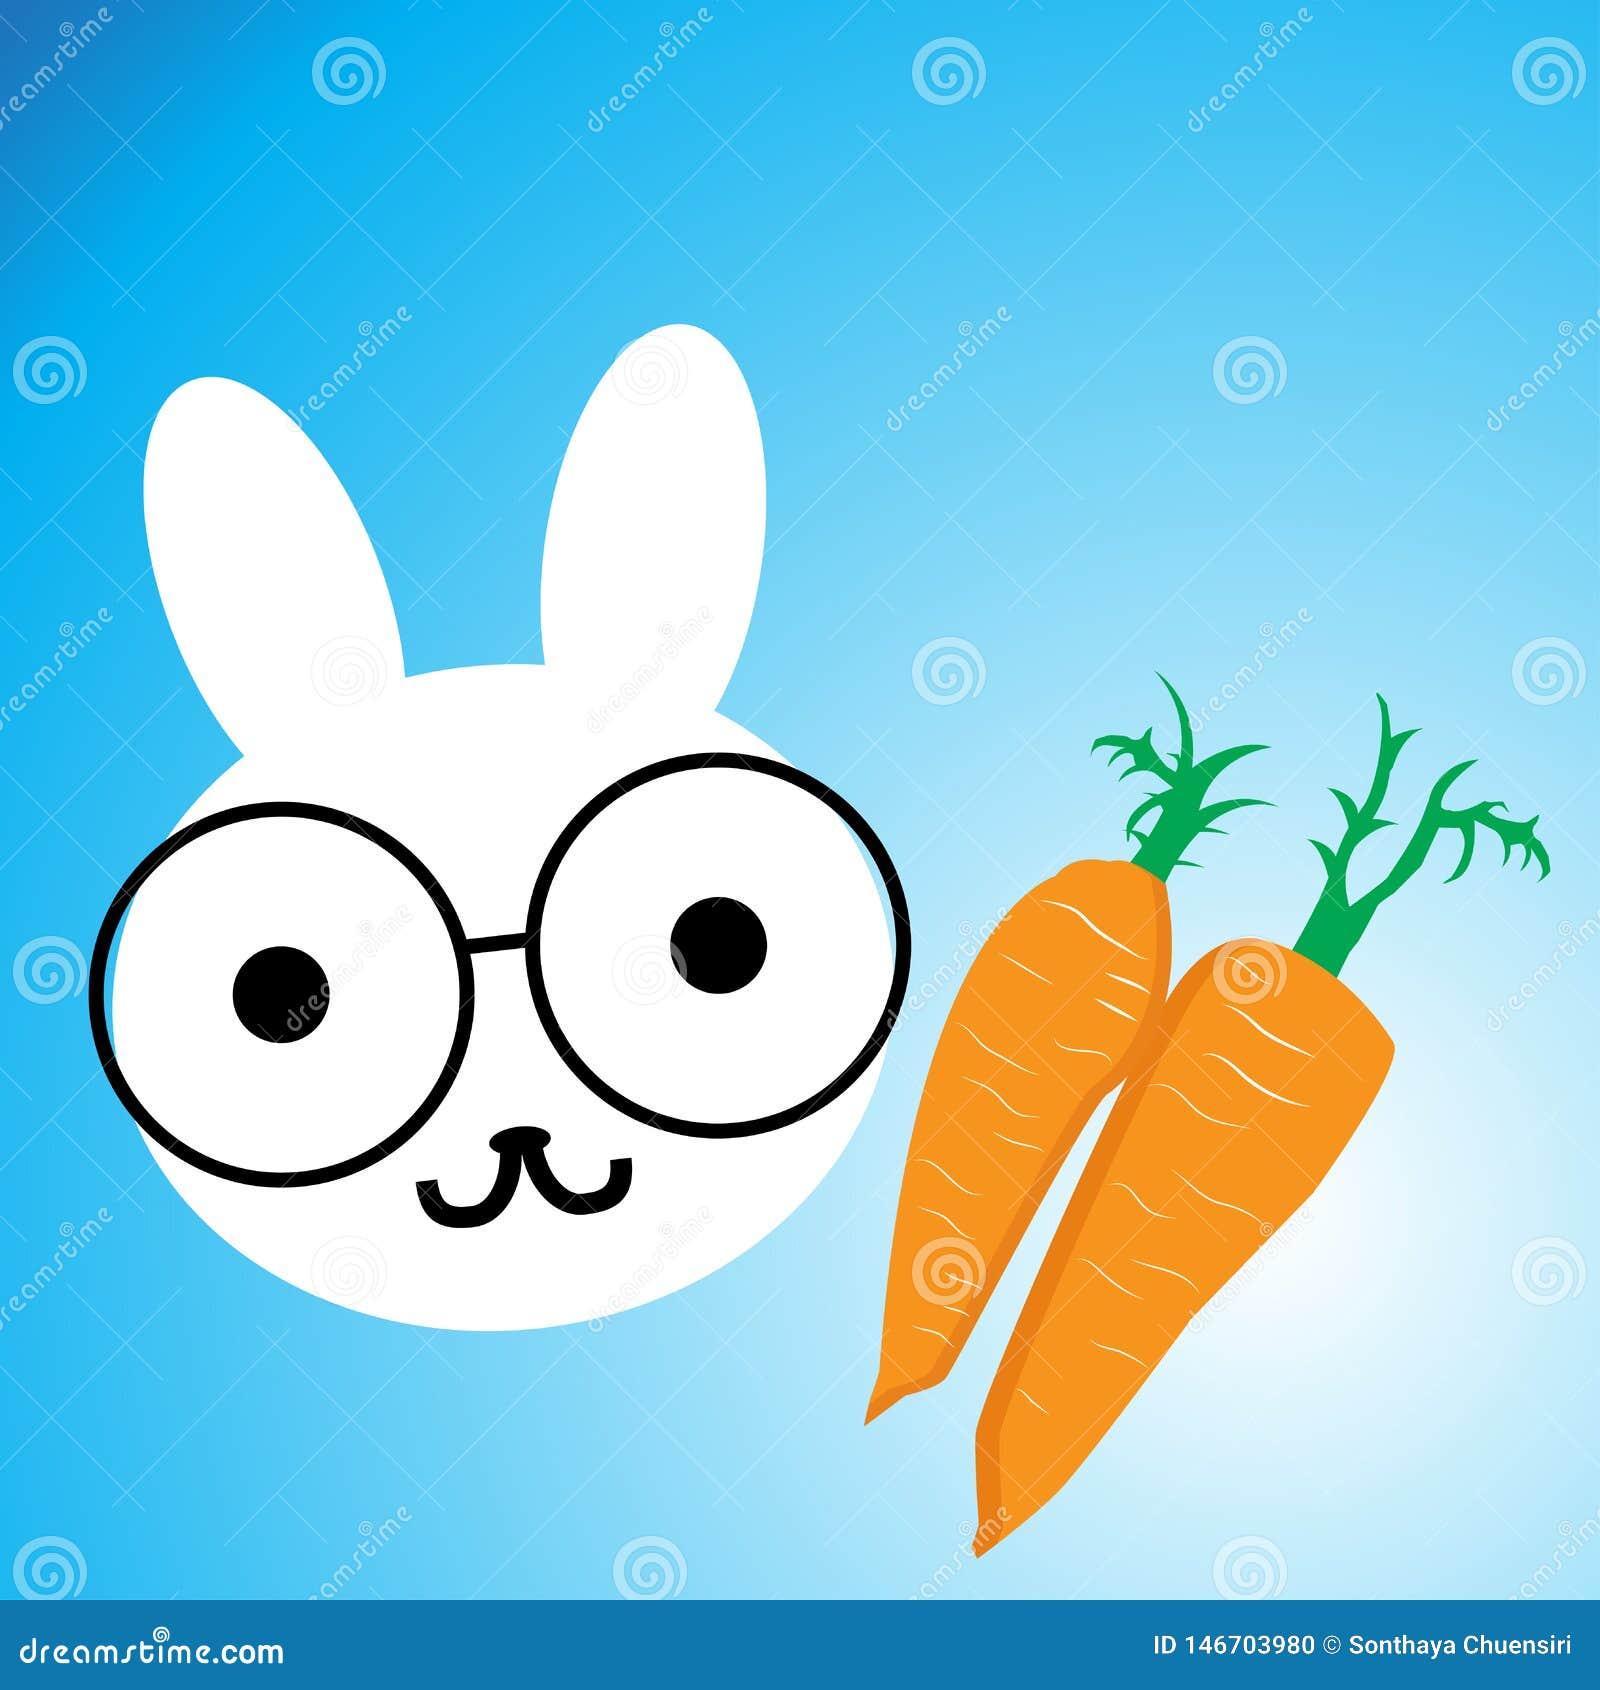 Cartoon rabbit and carrots